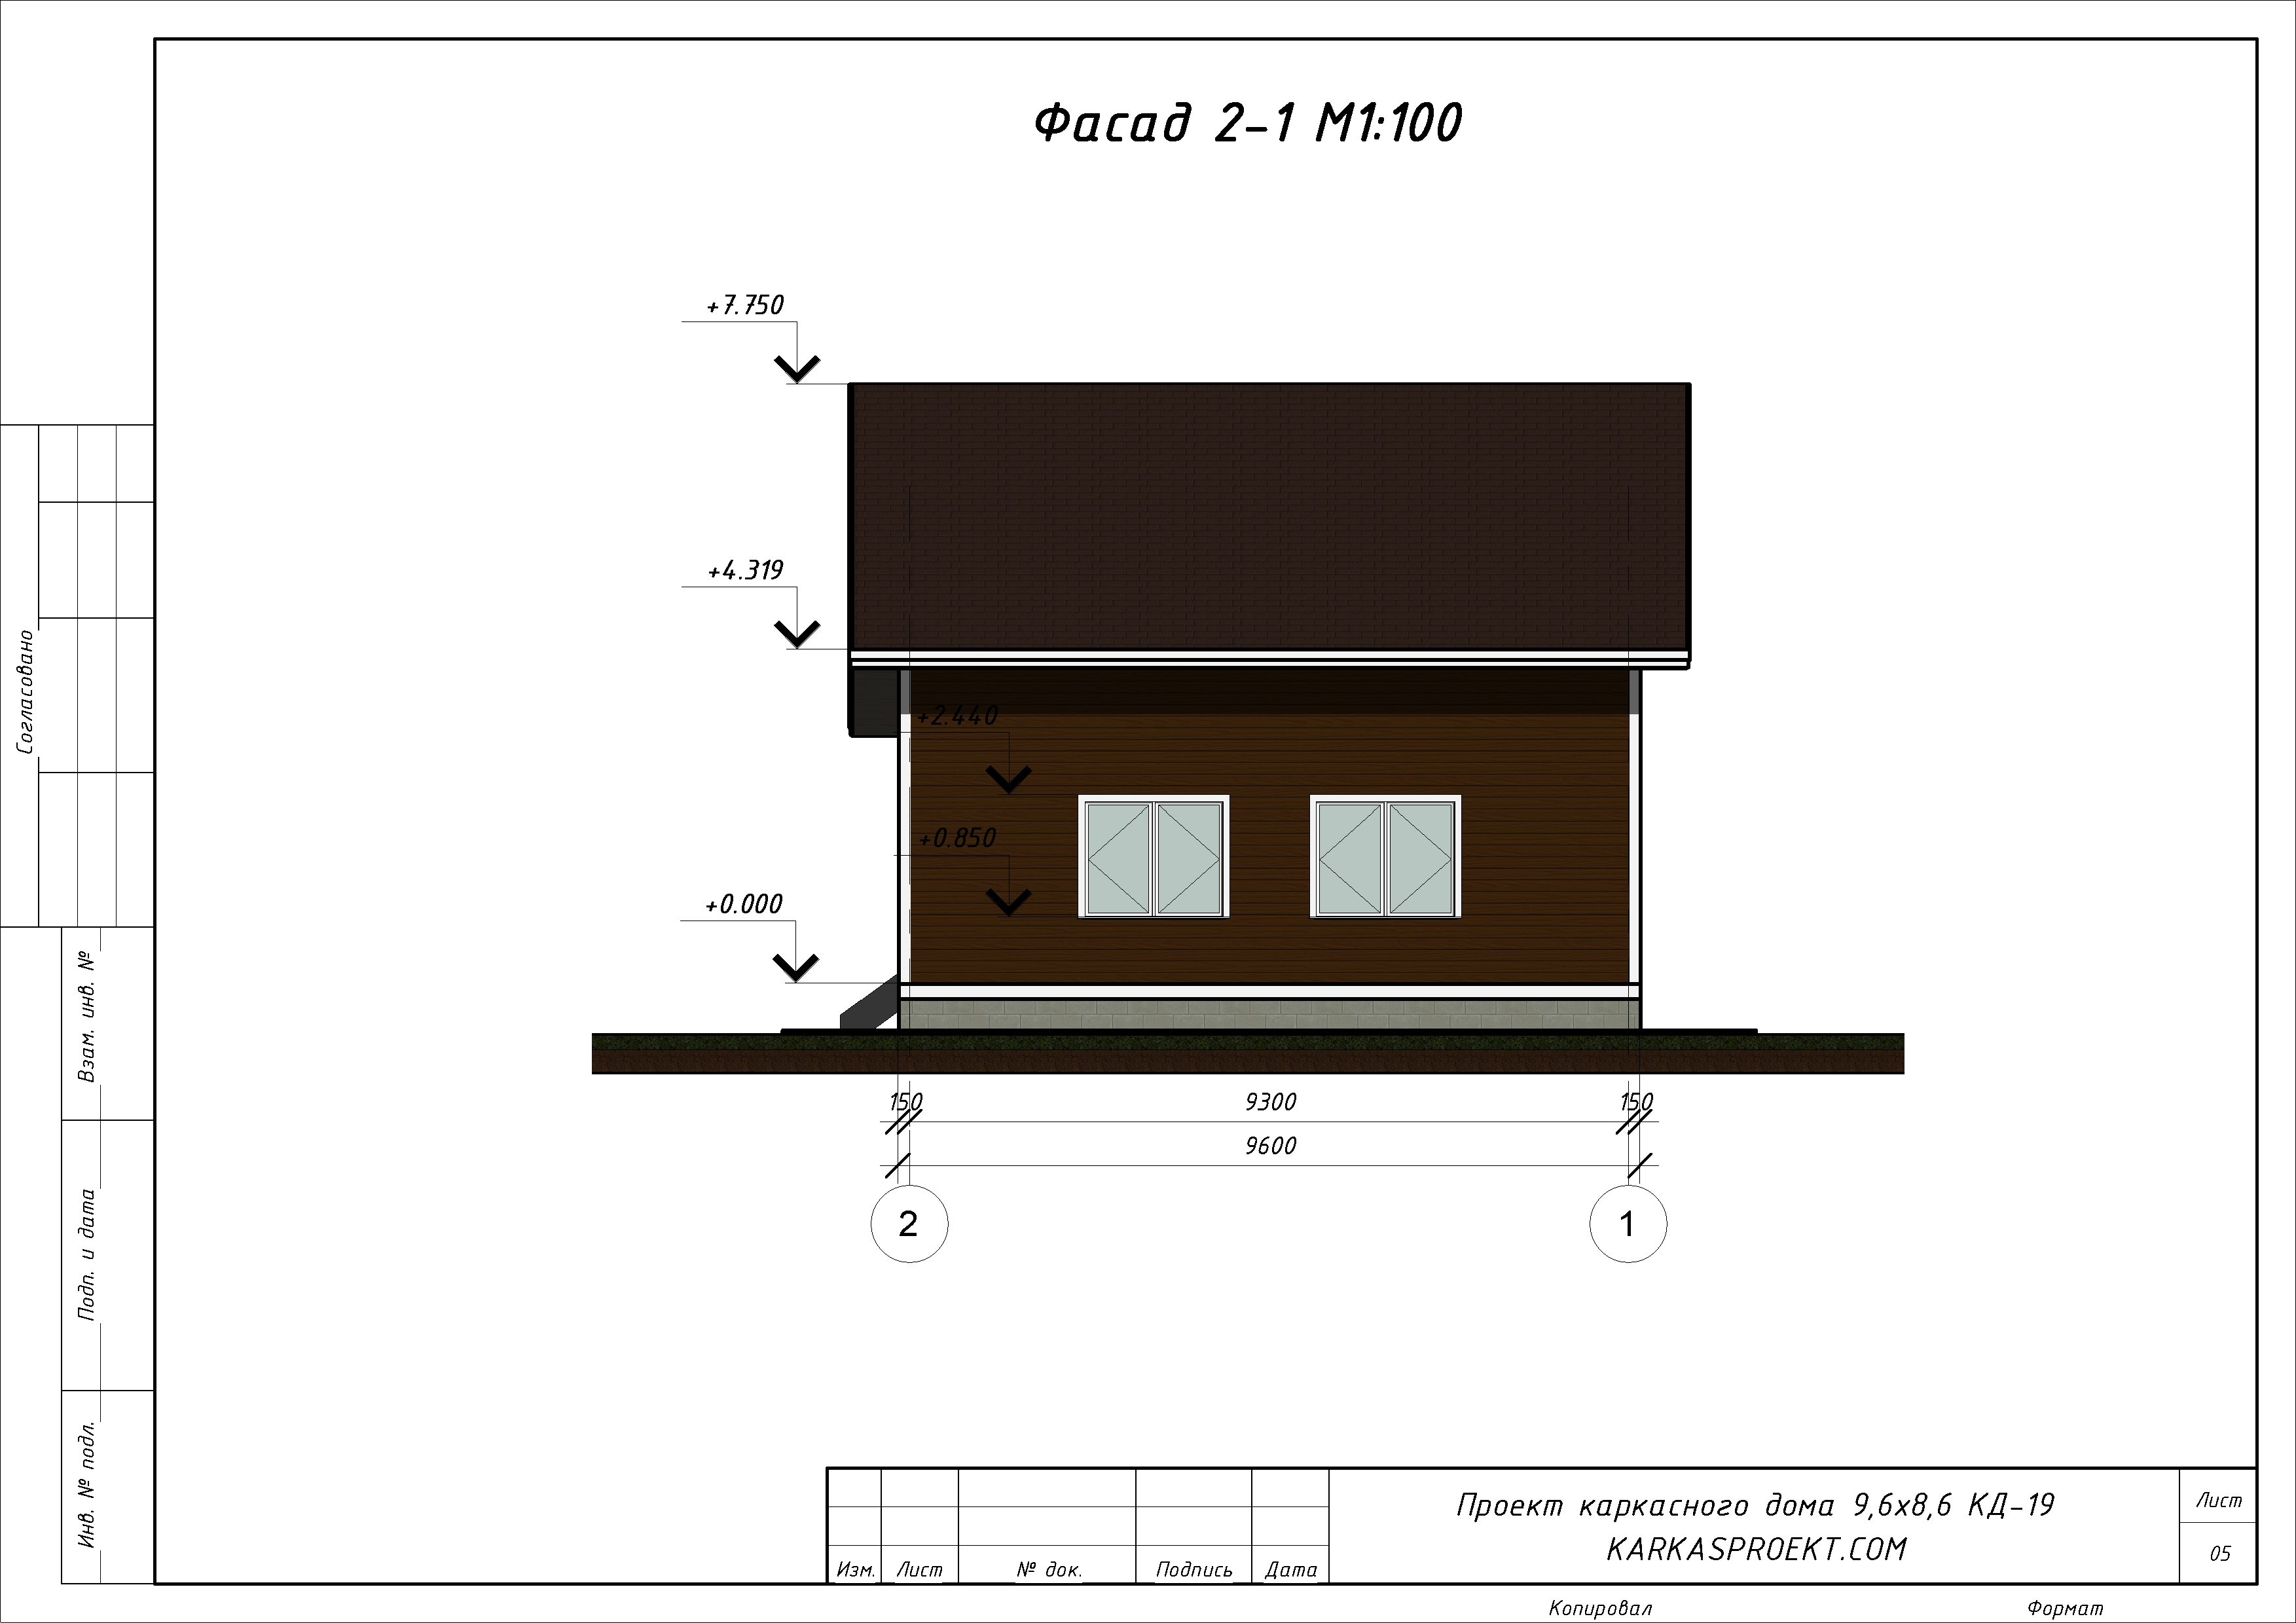 КД-19 - Фасад 2-1